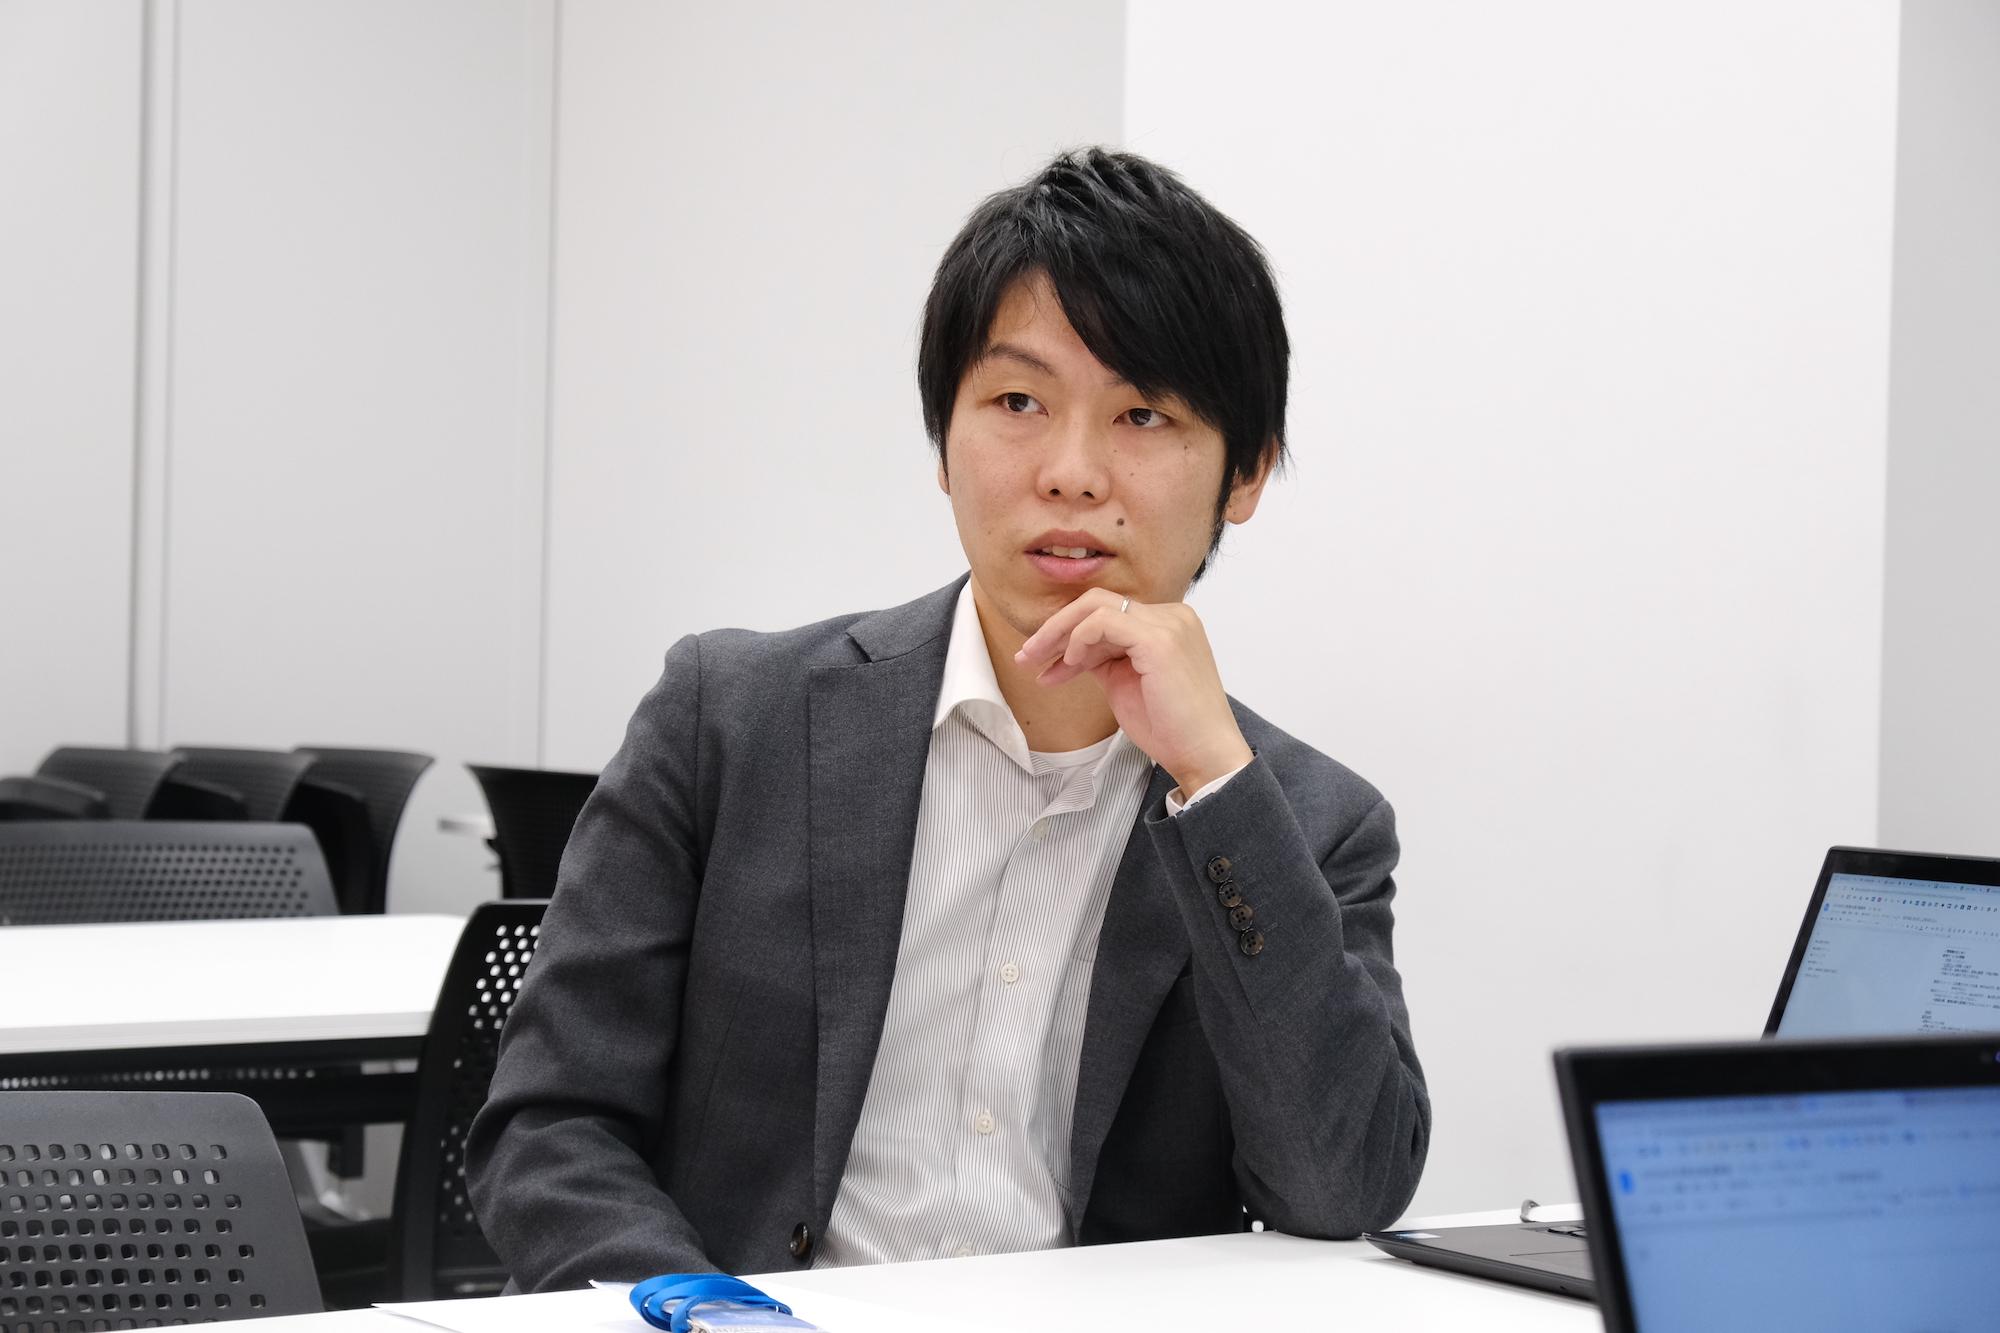 【東京】営業企画 / マーケティング